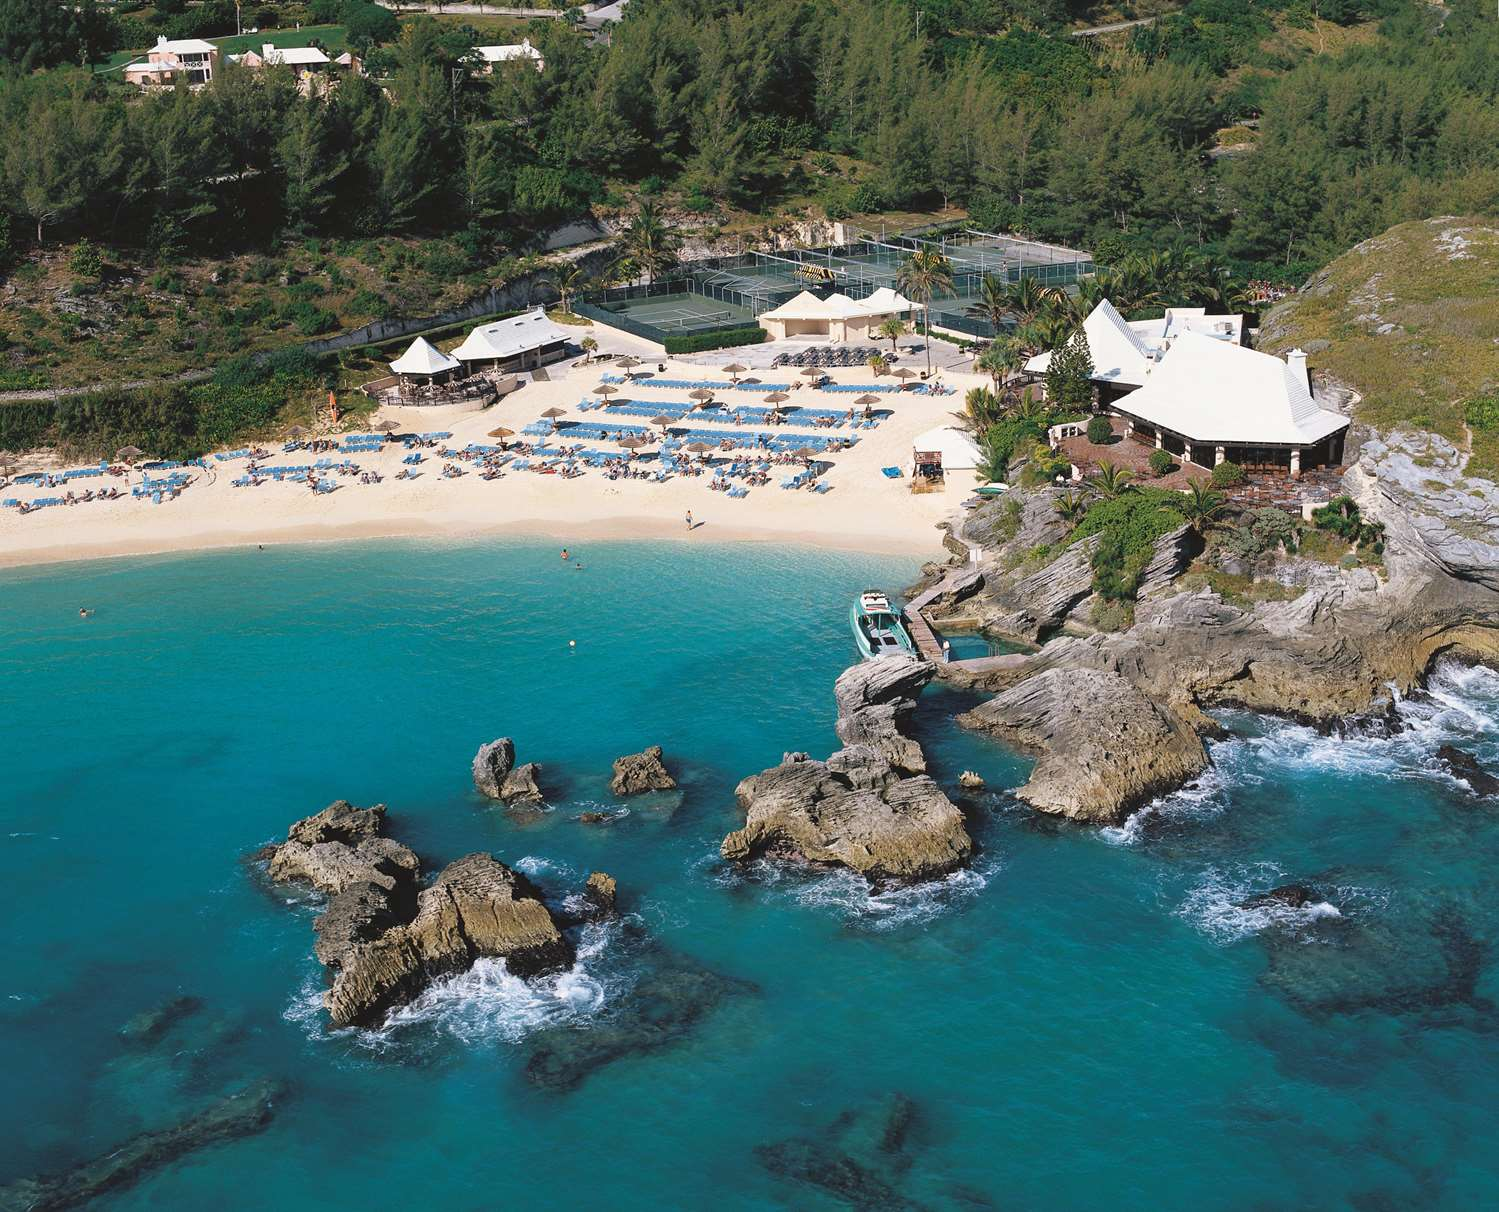 Ocean Club and Fairmont Beach Club